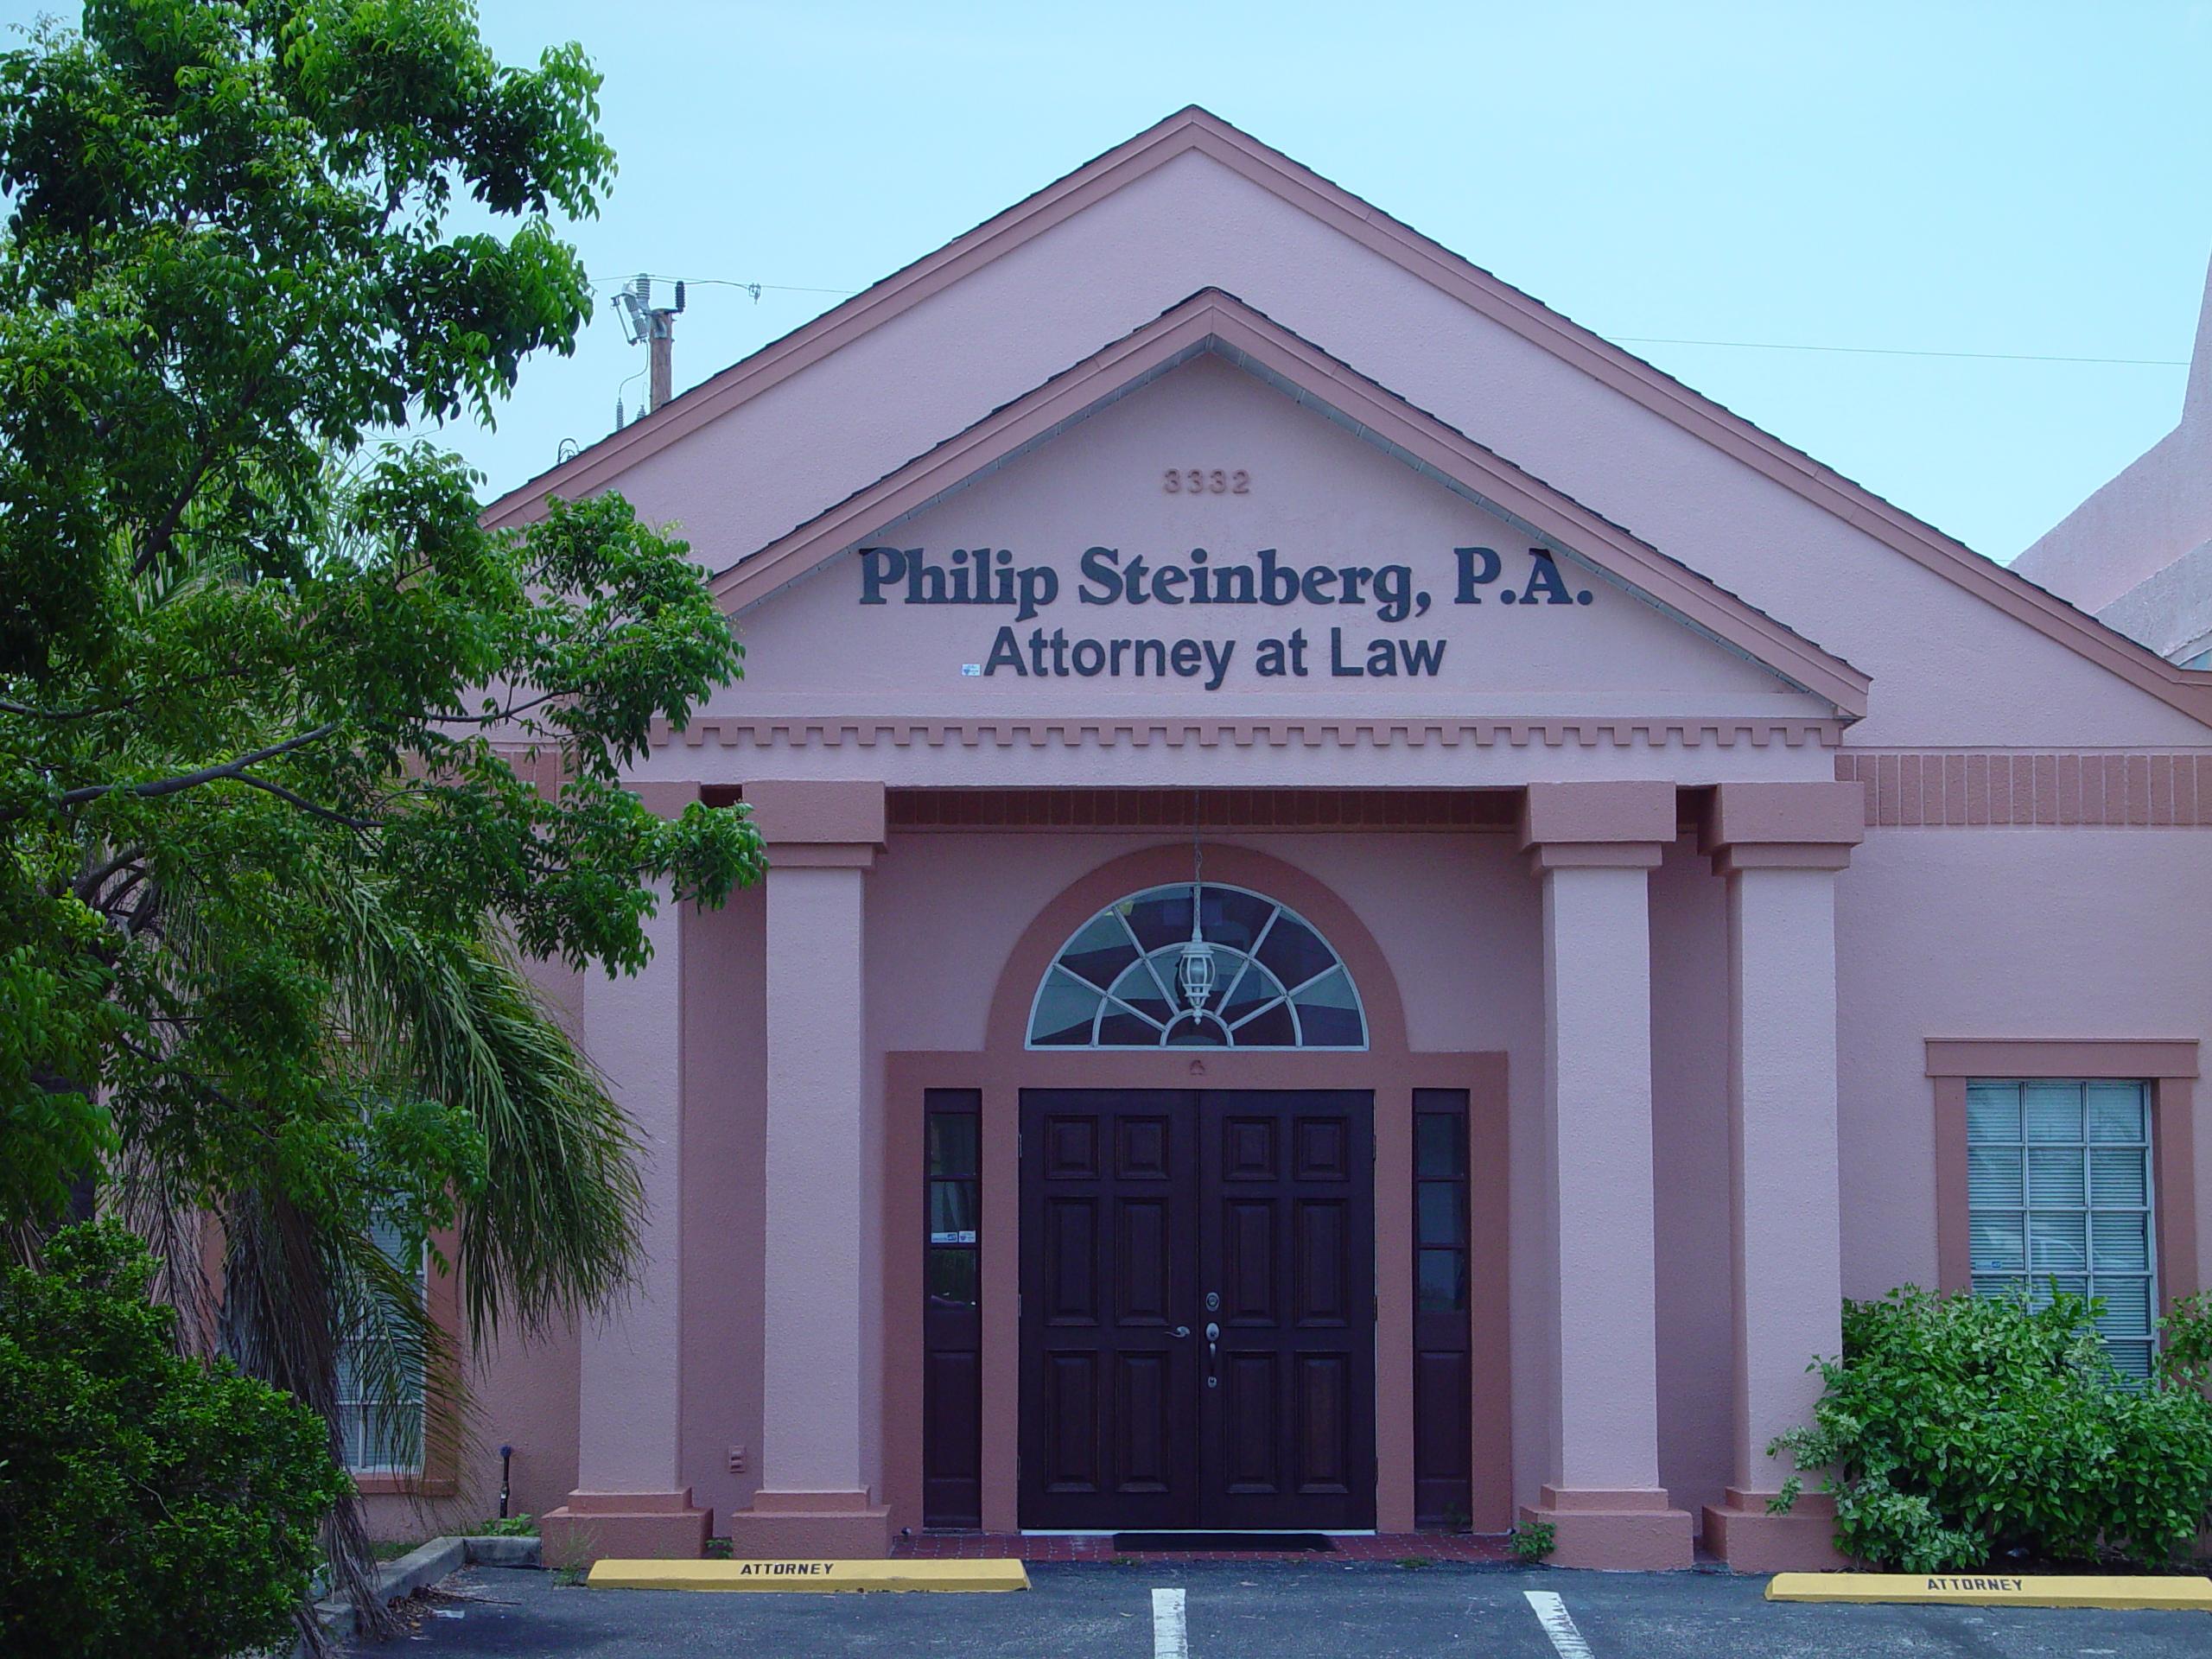 Philip Steinberg Pa 3332 Del Prado Blvd S Cape Coral Fl